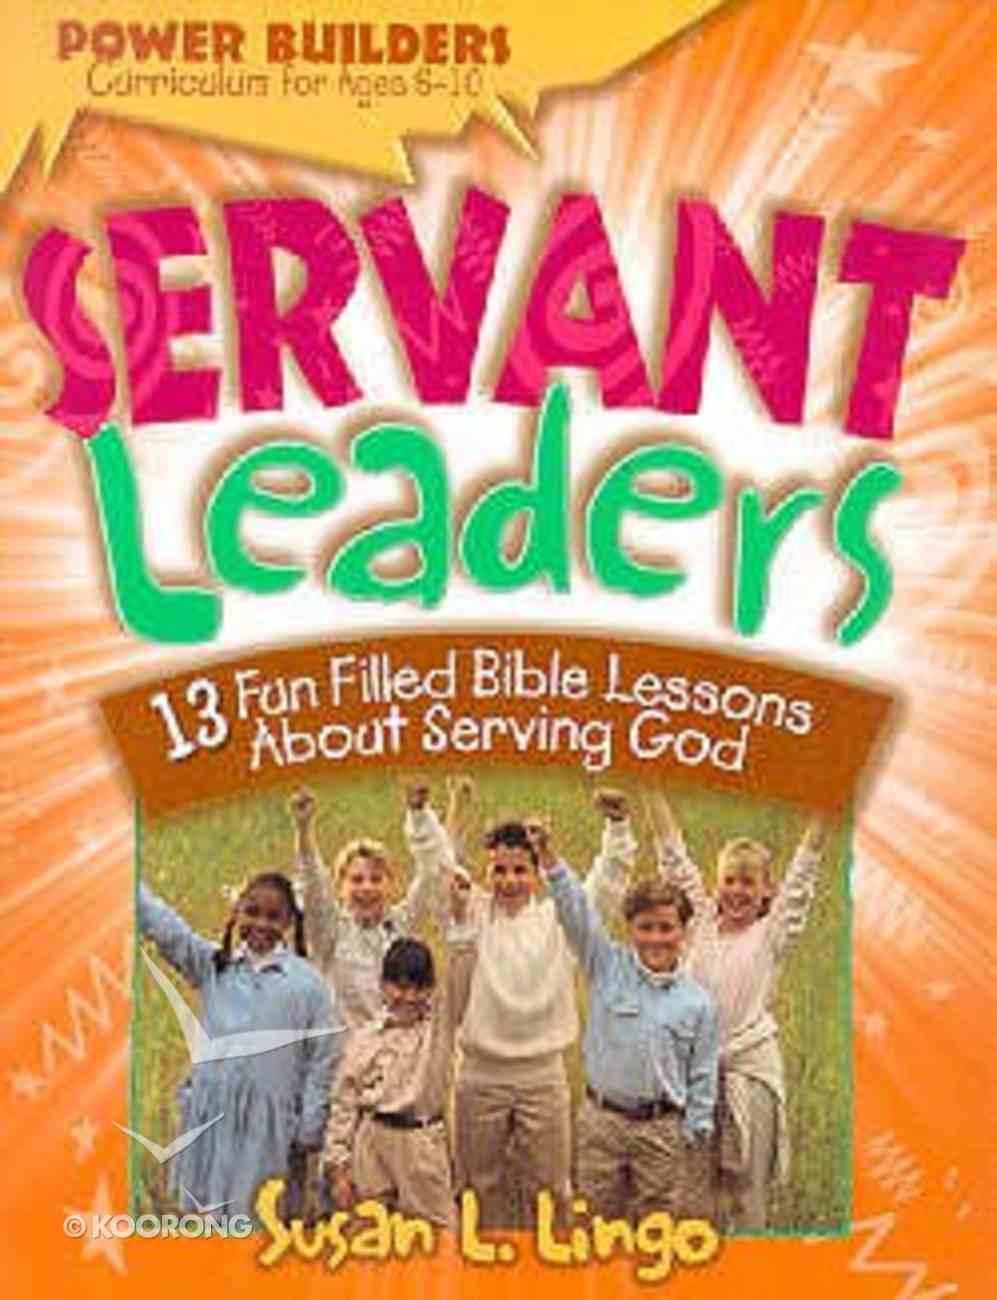 Power Builders: Servant Leaders Paperback